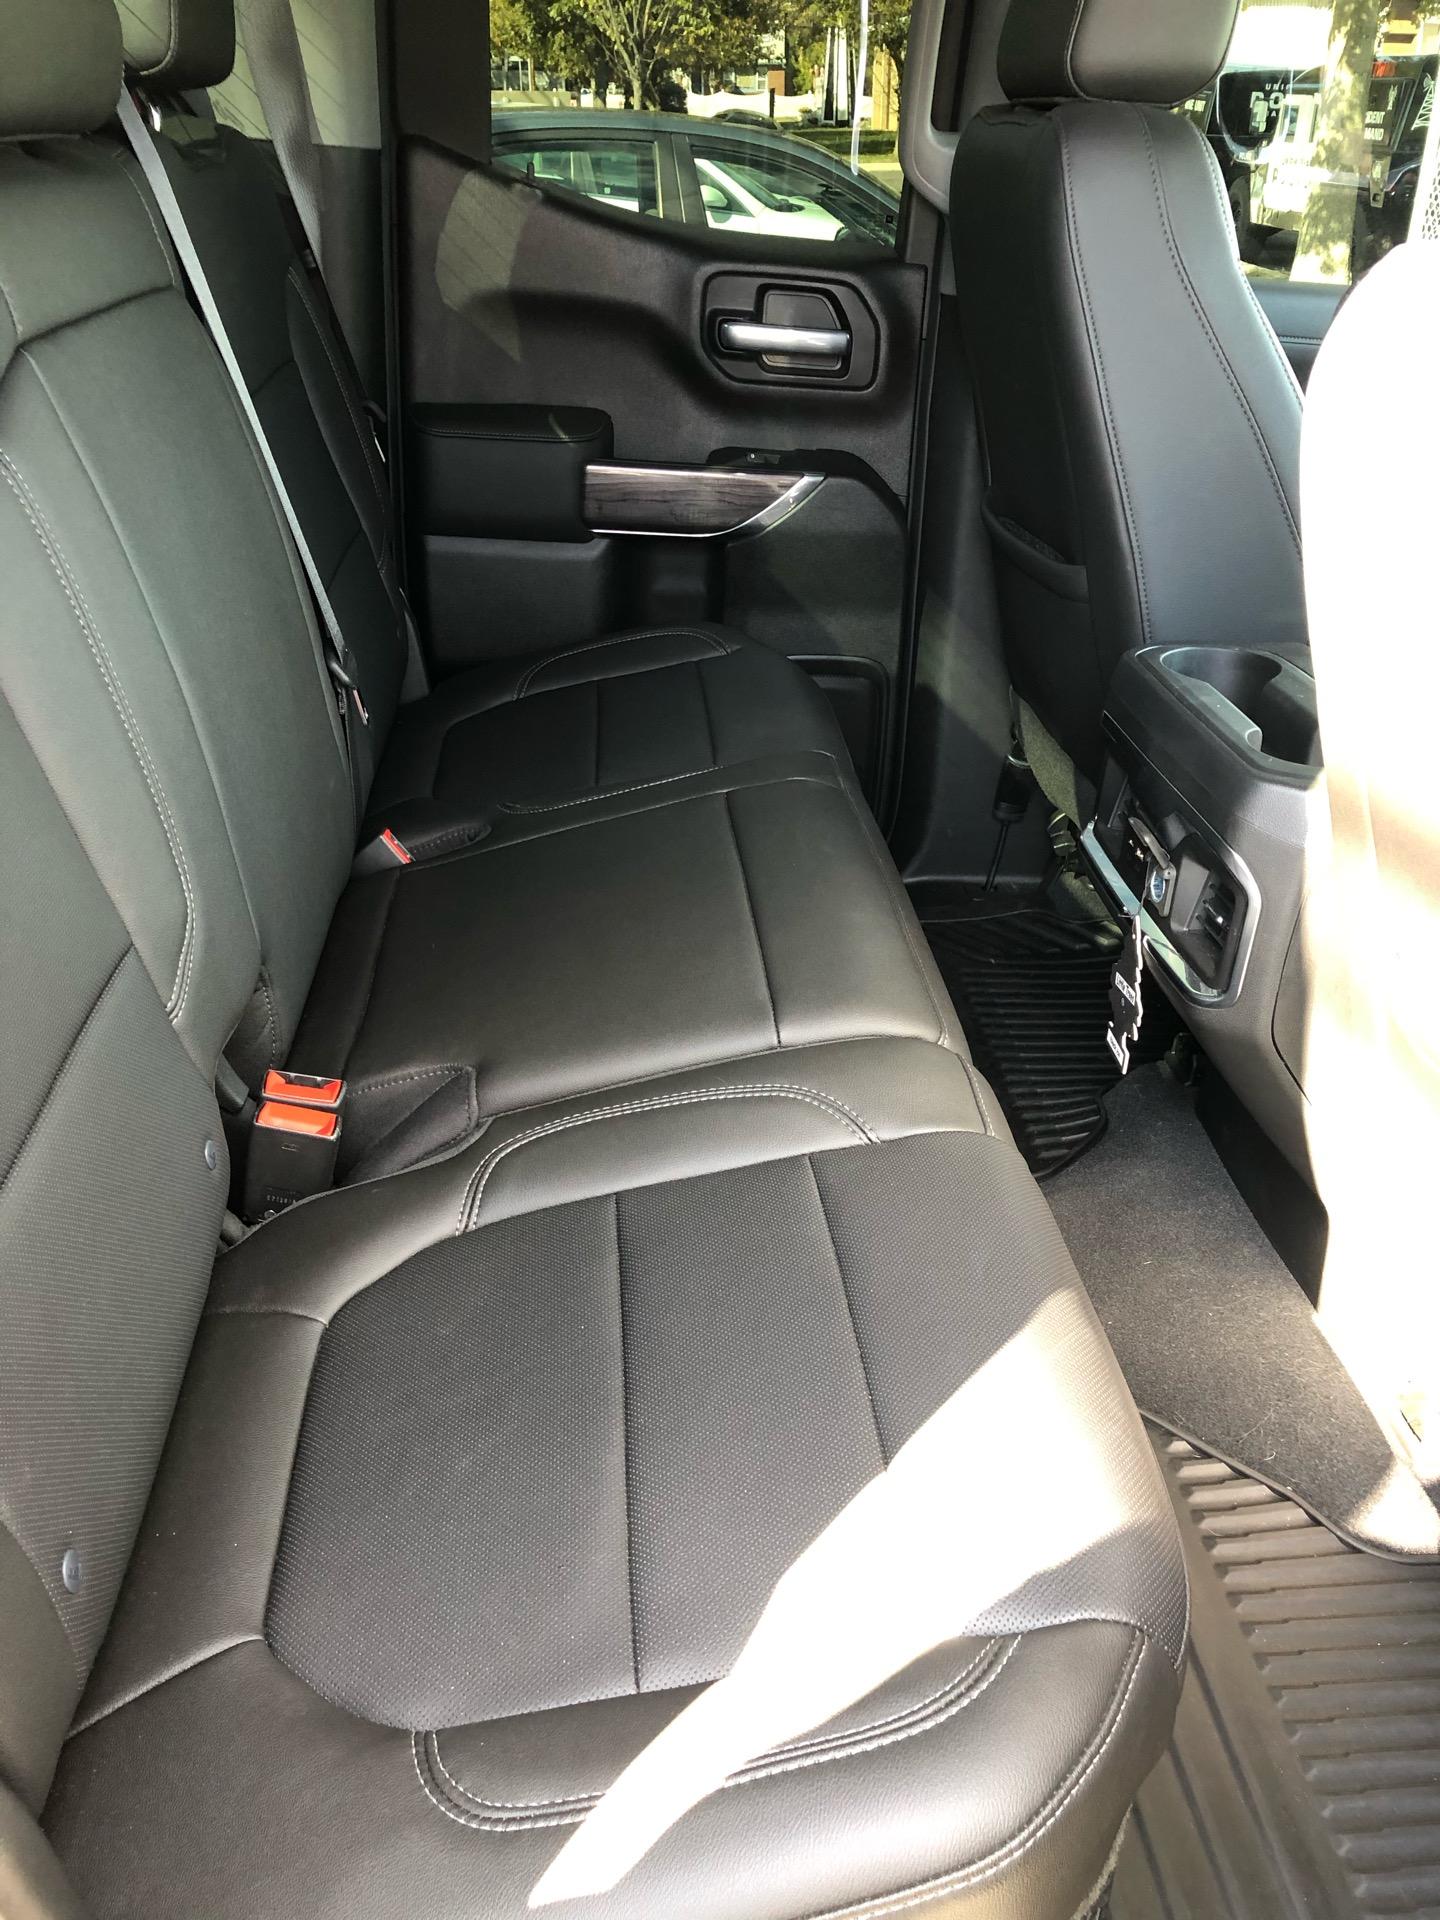 2019 Chevrolet Silverado 1500 - photo 3